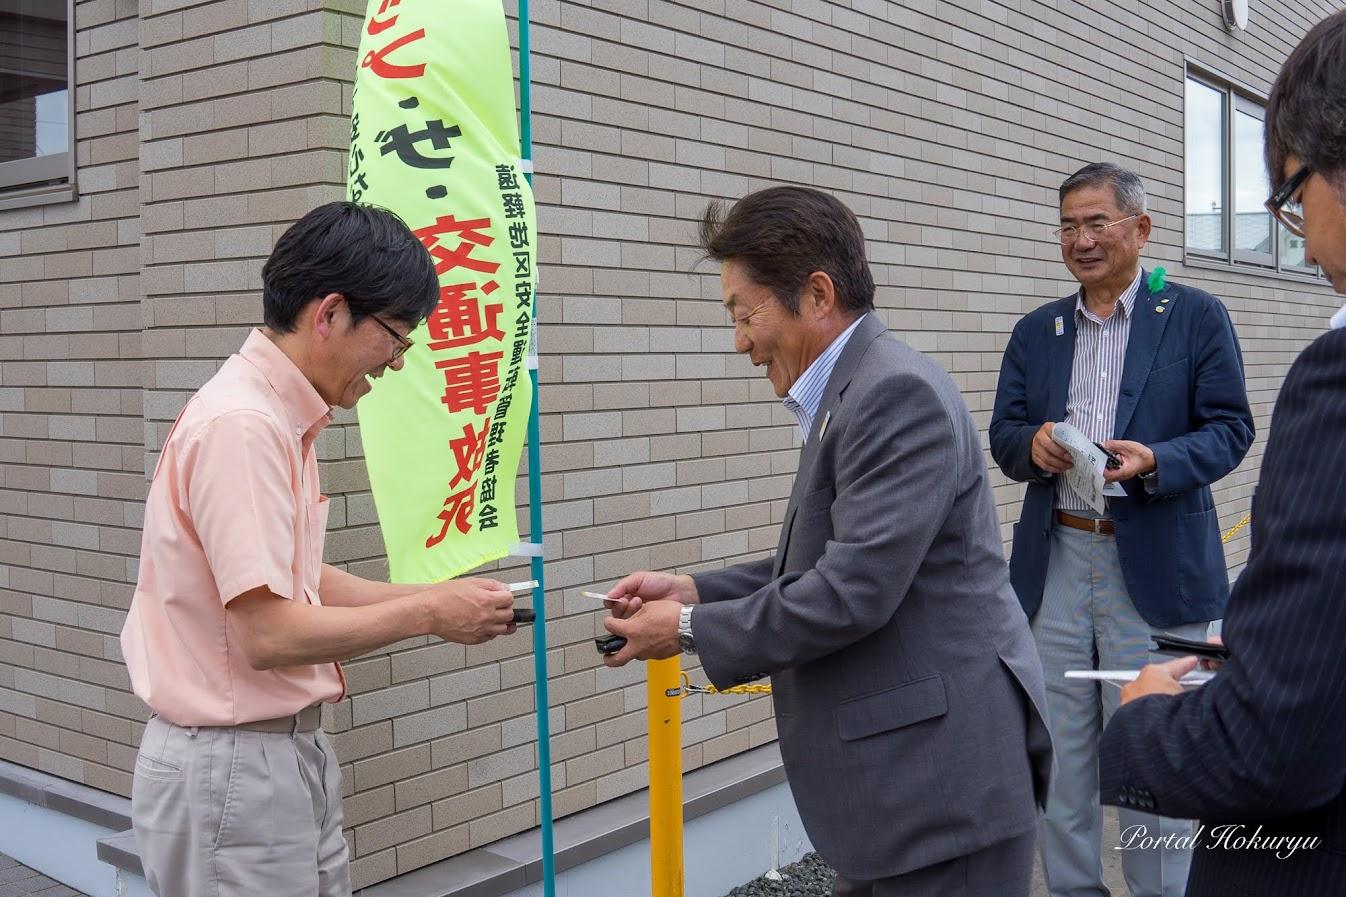 名刺交換挨拶:総務課・橋本道正 課長